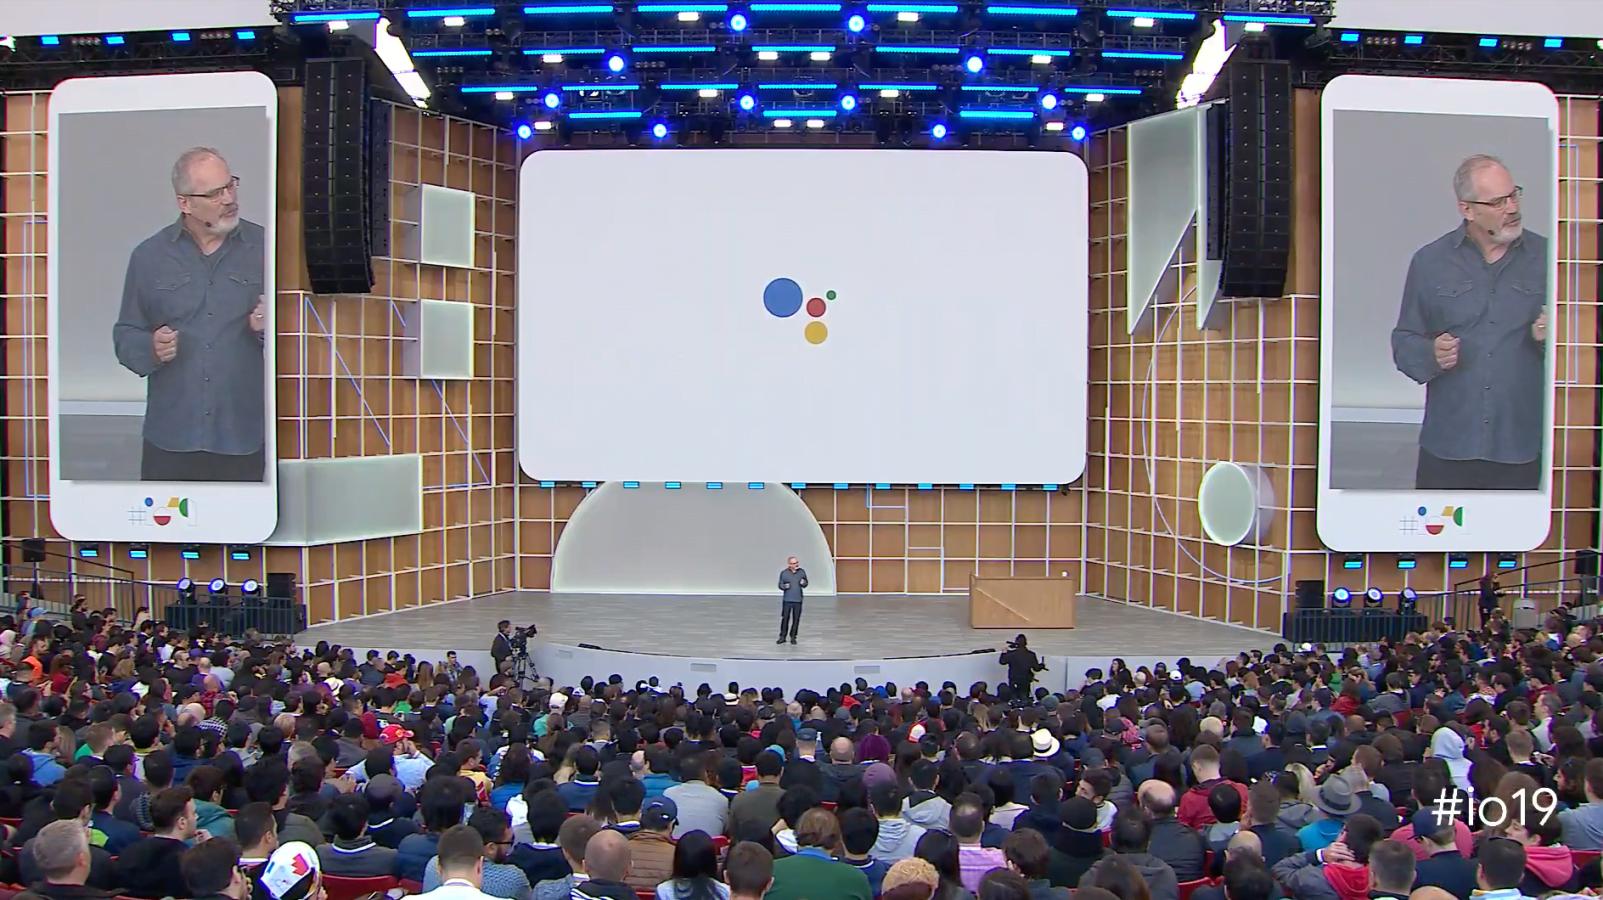 Google ogłasza AR w wyszukiwarce, tłumaczenia w Lens, szybszego Asystenta i nowości w Duplex 22